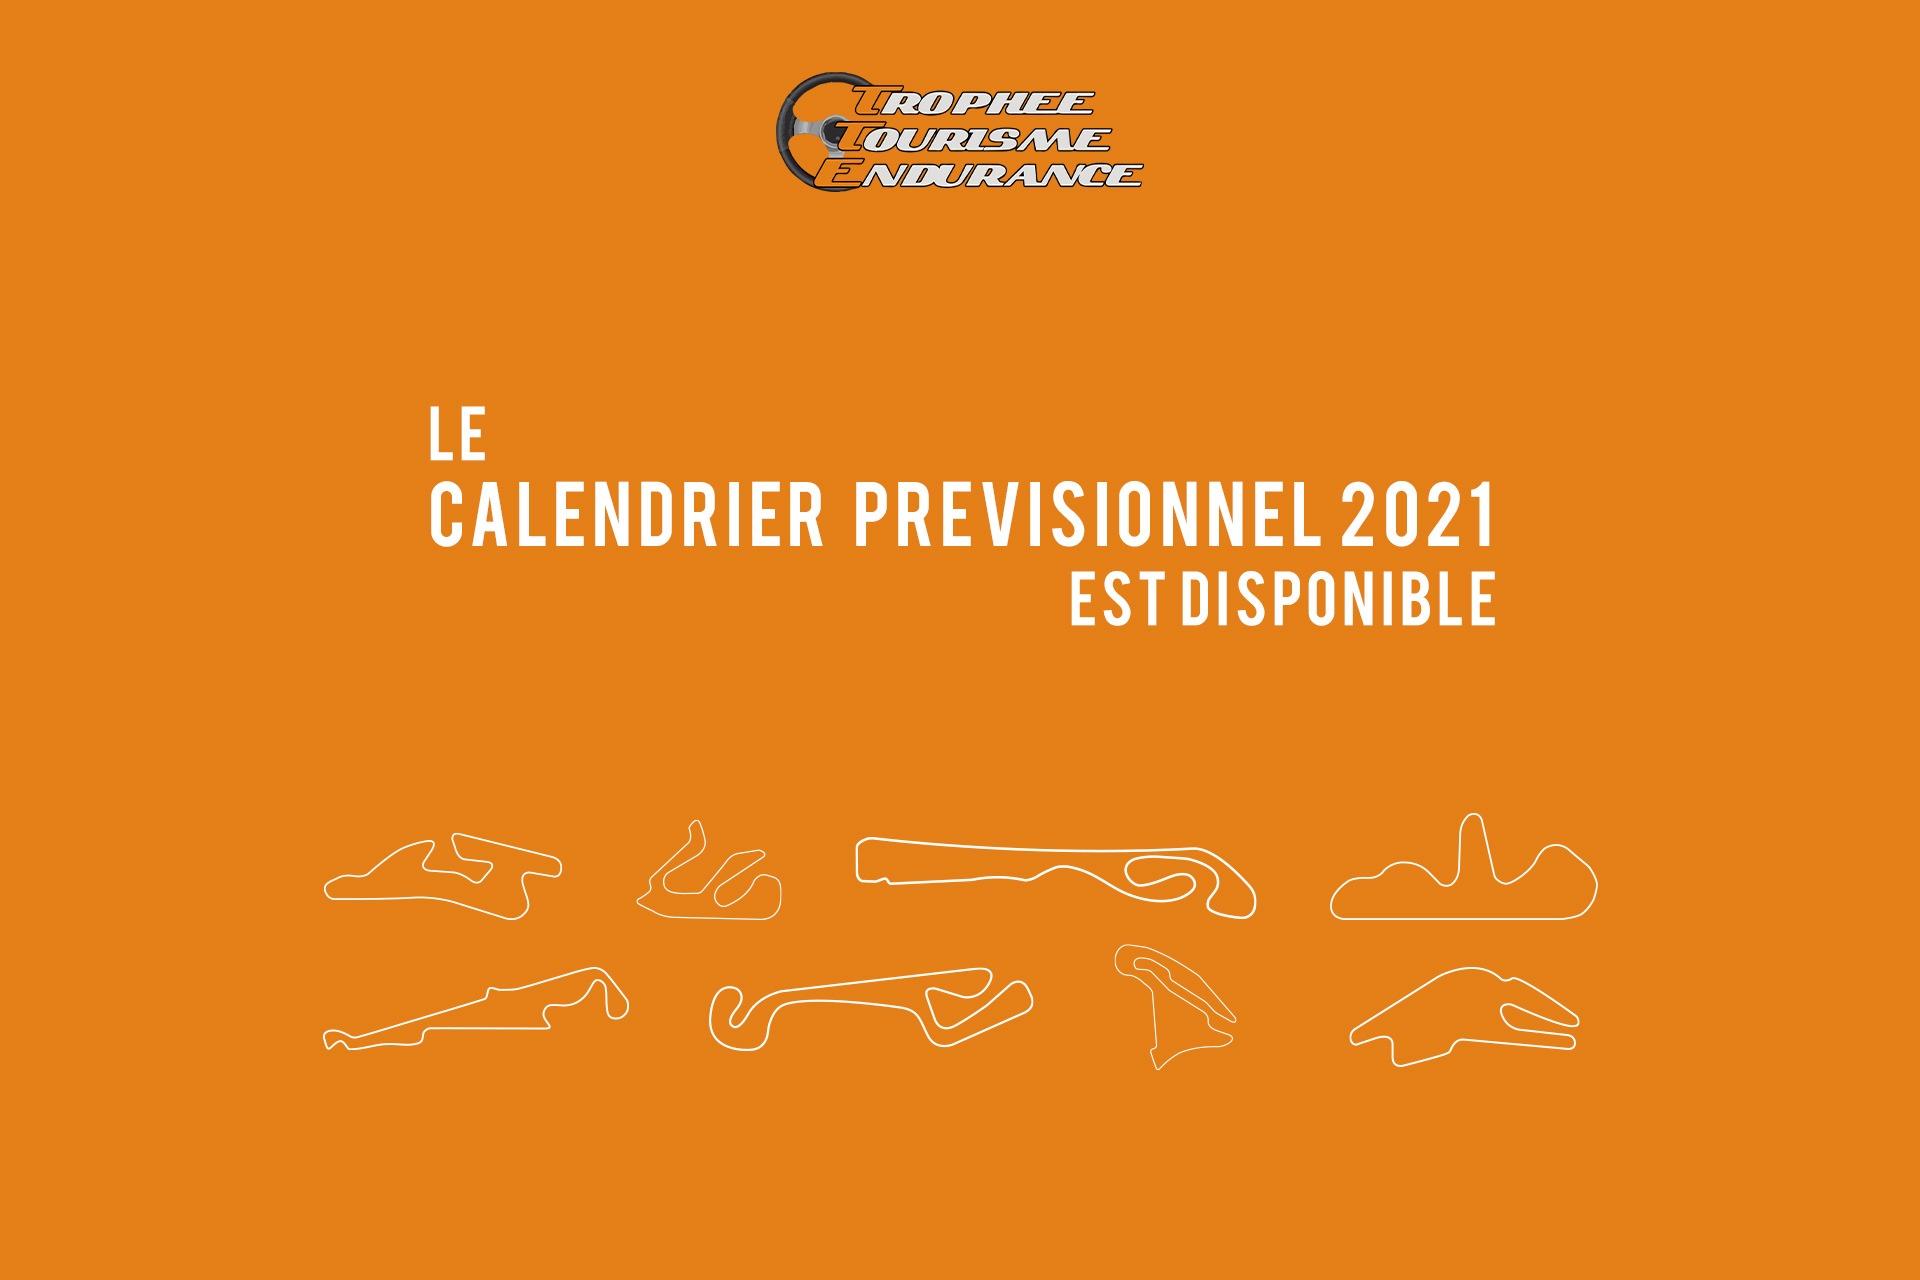 Découvrez le calendrier provisoire du Trophée Tourisme Endurance 2021